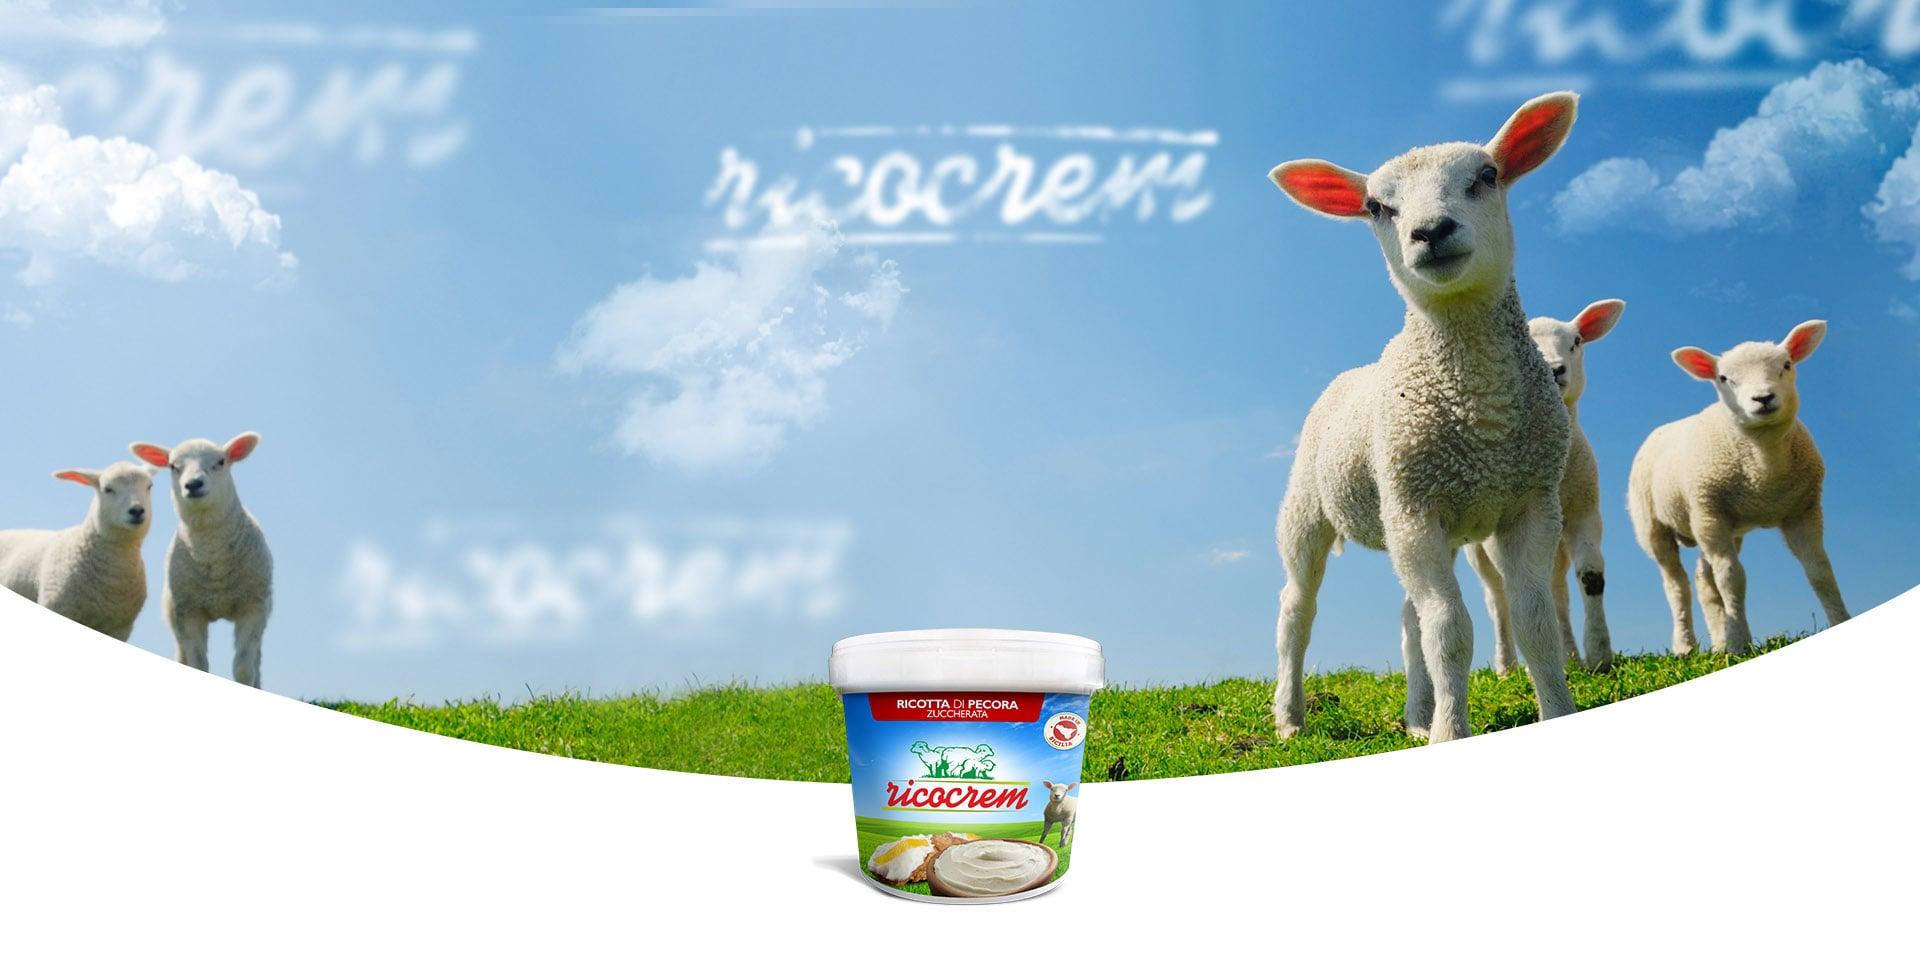 crema di ricotta di pecora per dolci ricocrem